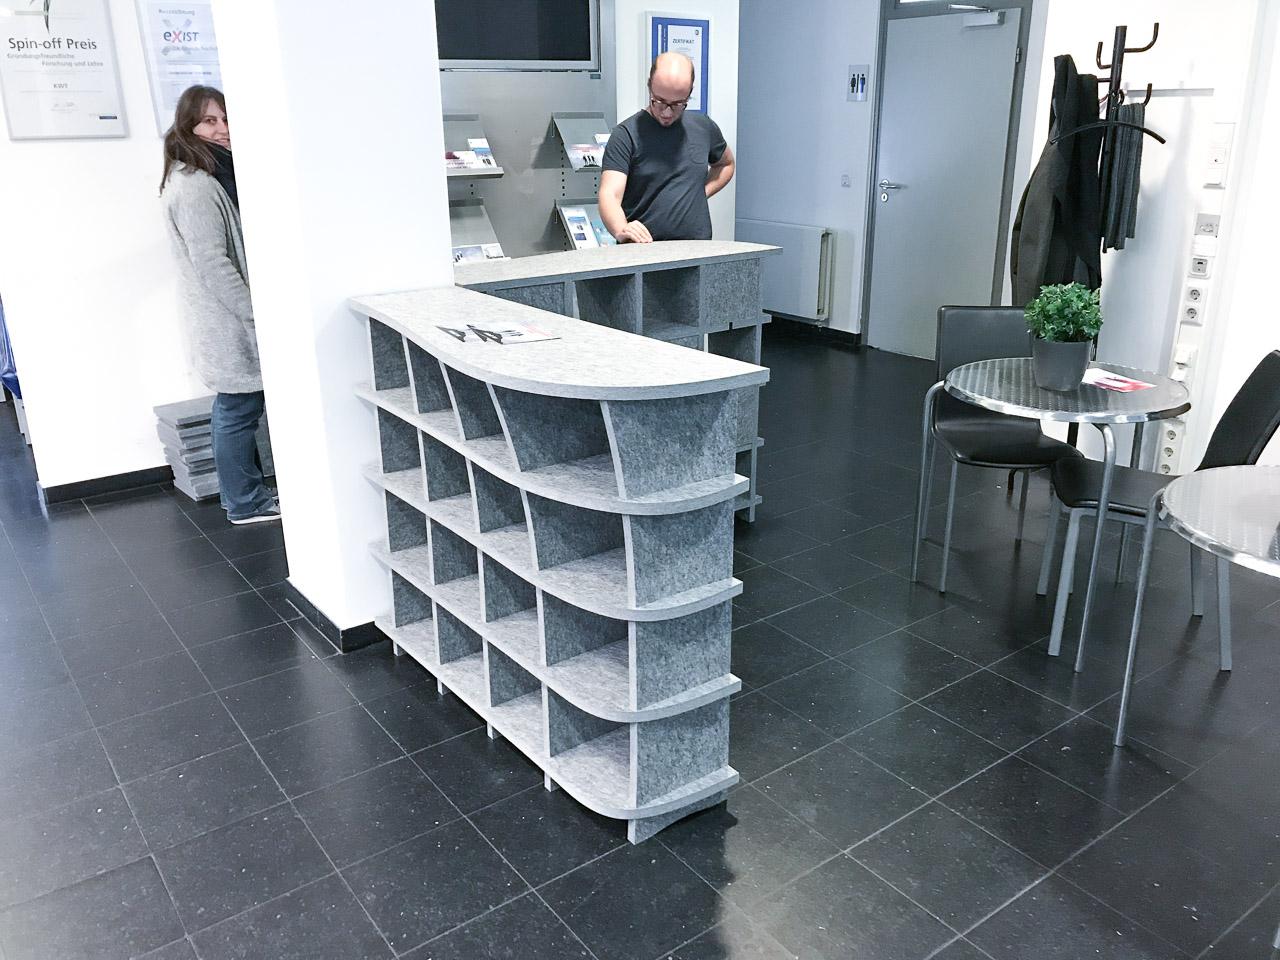 Zwei Mitarbeiter schauen sich das zusammengebaute Akustikmöbel von AkustikKompetenz an.